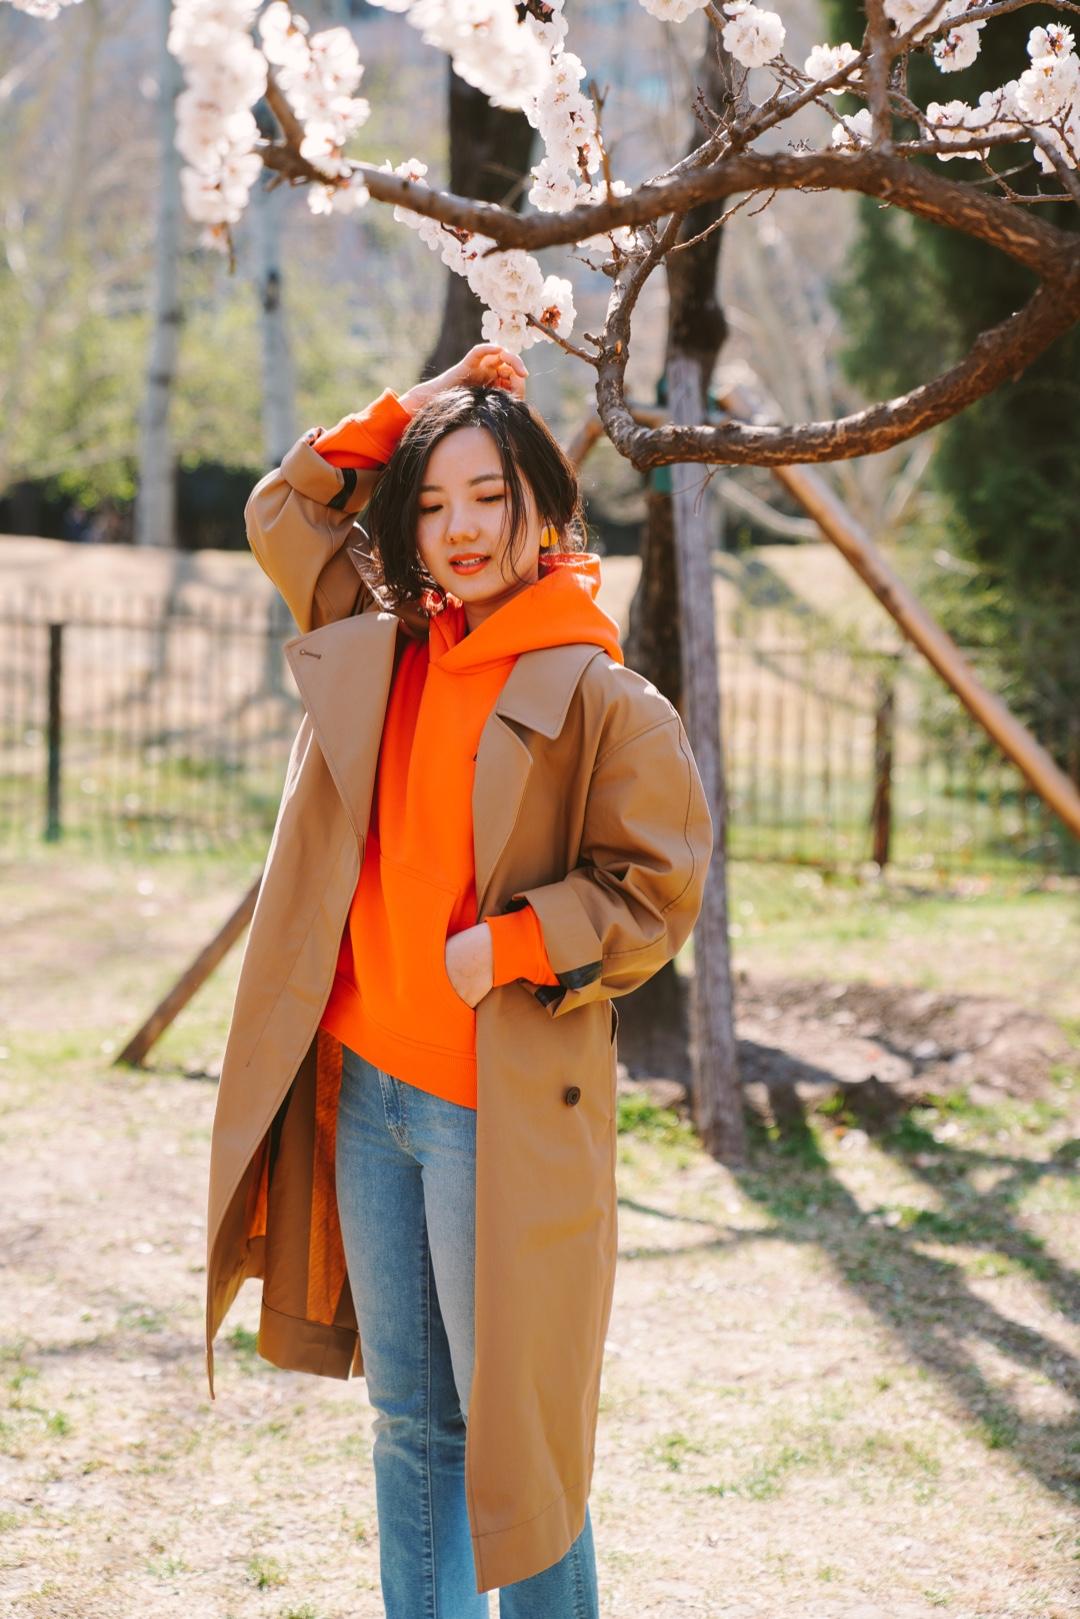 小毛穿搭| 风衣的一周穿搭——帽衫搭配 🧥在短暂珍贵的风衣季里安排了一周风衣穿搭计划,第一套就选择最轻松舒服的穿法吧~  经典款深卡其色风衣内搭颜色鲜亮的橙色帽衫,袖口处也露出卫衣的颜色,让严肃的风衣有了春日的活泼。  浅蓝色牛仔裤和小白鞋也是不失时尚的休闲百搭单品。 #好天气,就该穿得美美出去踏春!#